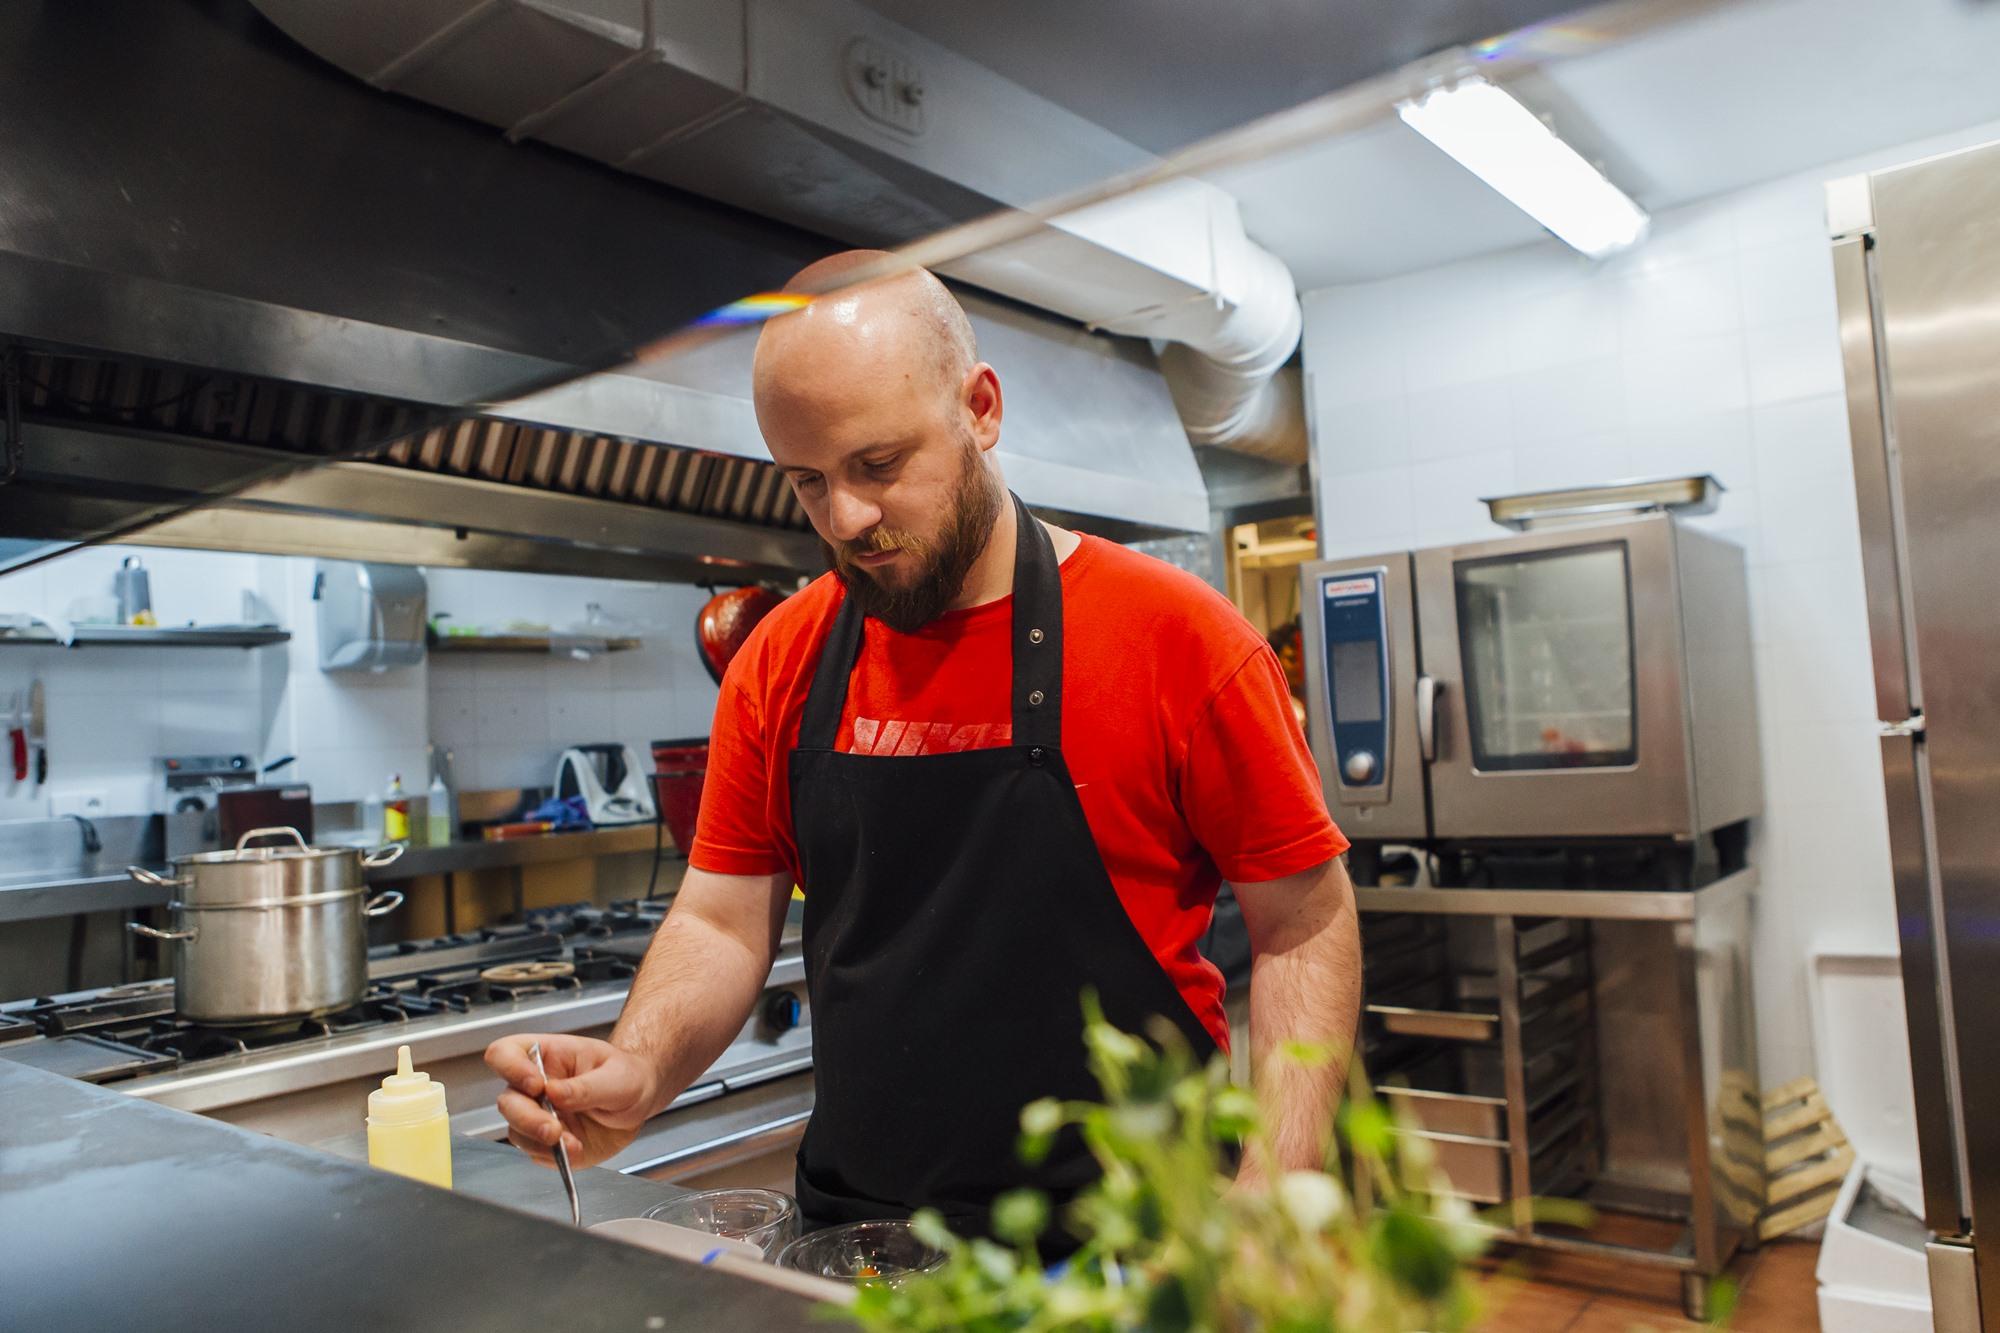 El chef Luis Ángel Pérez ensimismado en su cocina.